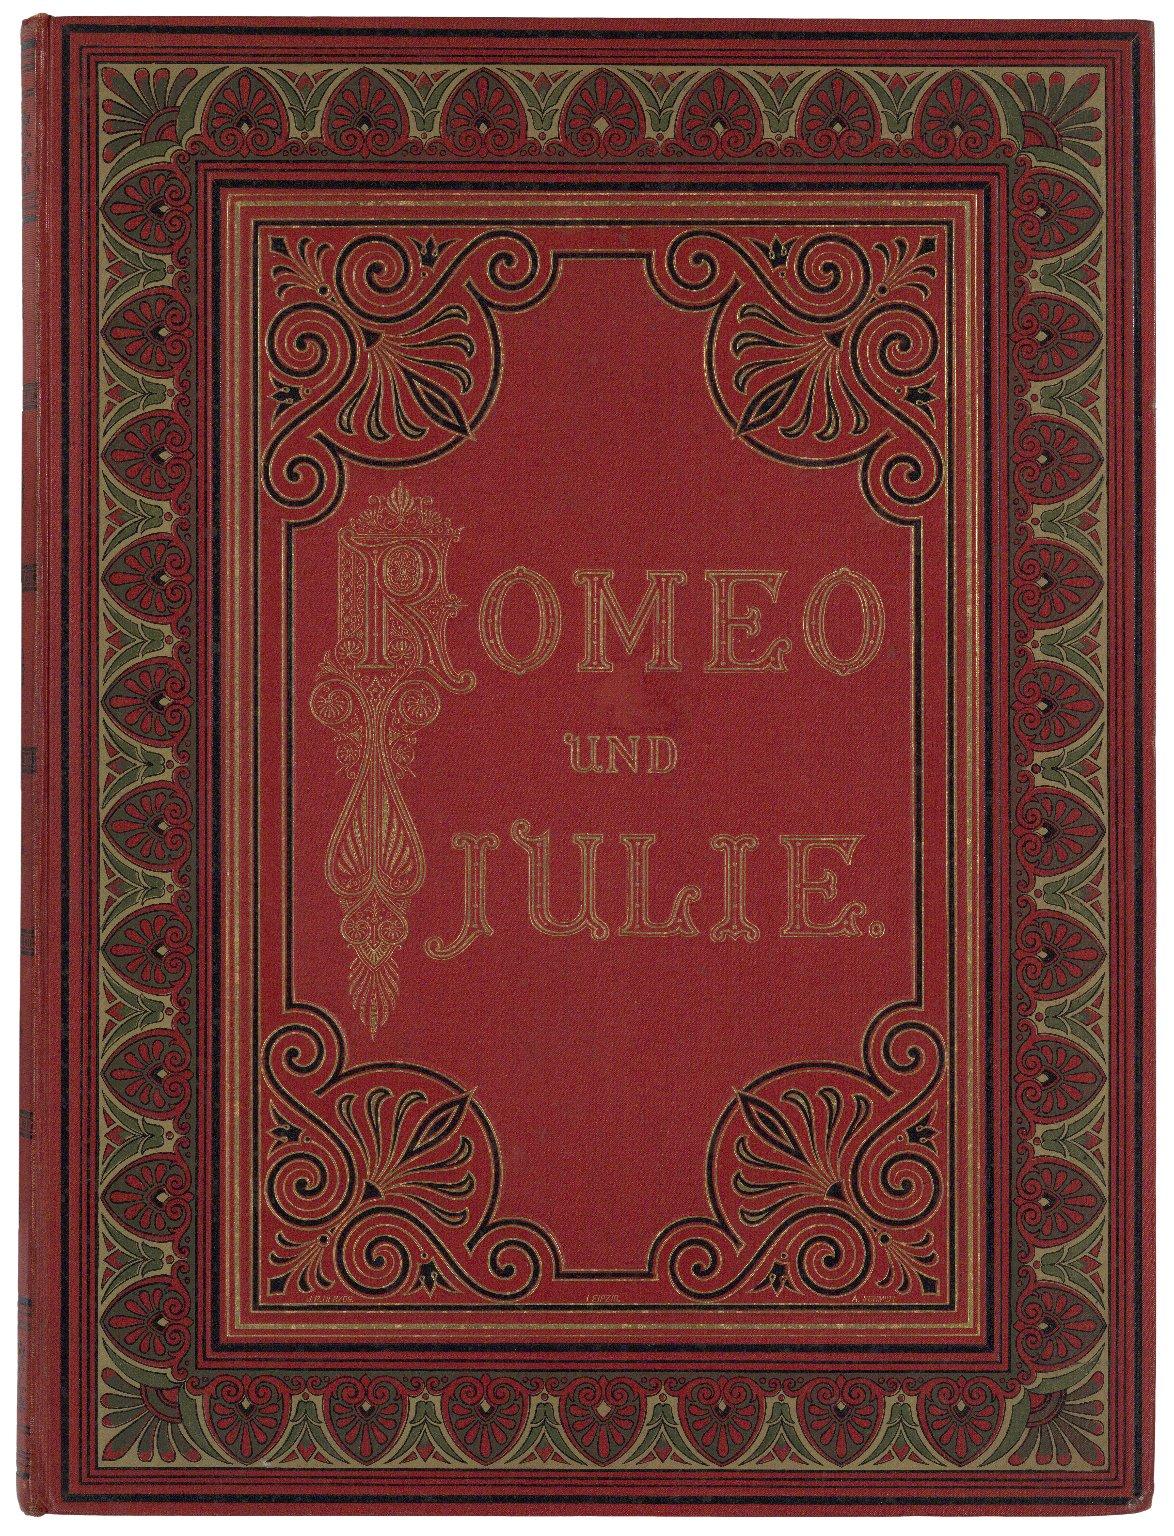 Romeo und Julia / Übersetzt von A.W. von Schlegel ; Mit Heliographien und Holzschnitten nach Ferdinand Piloty ...